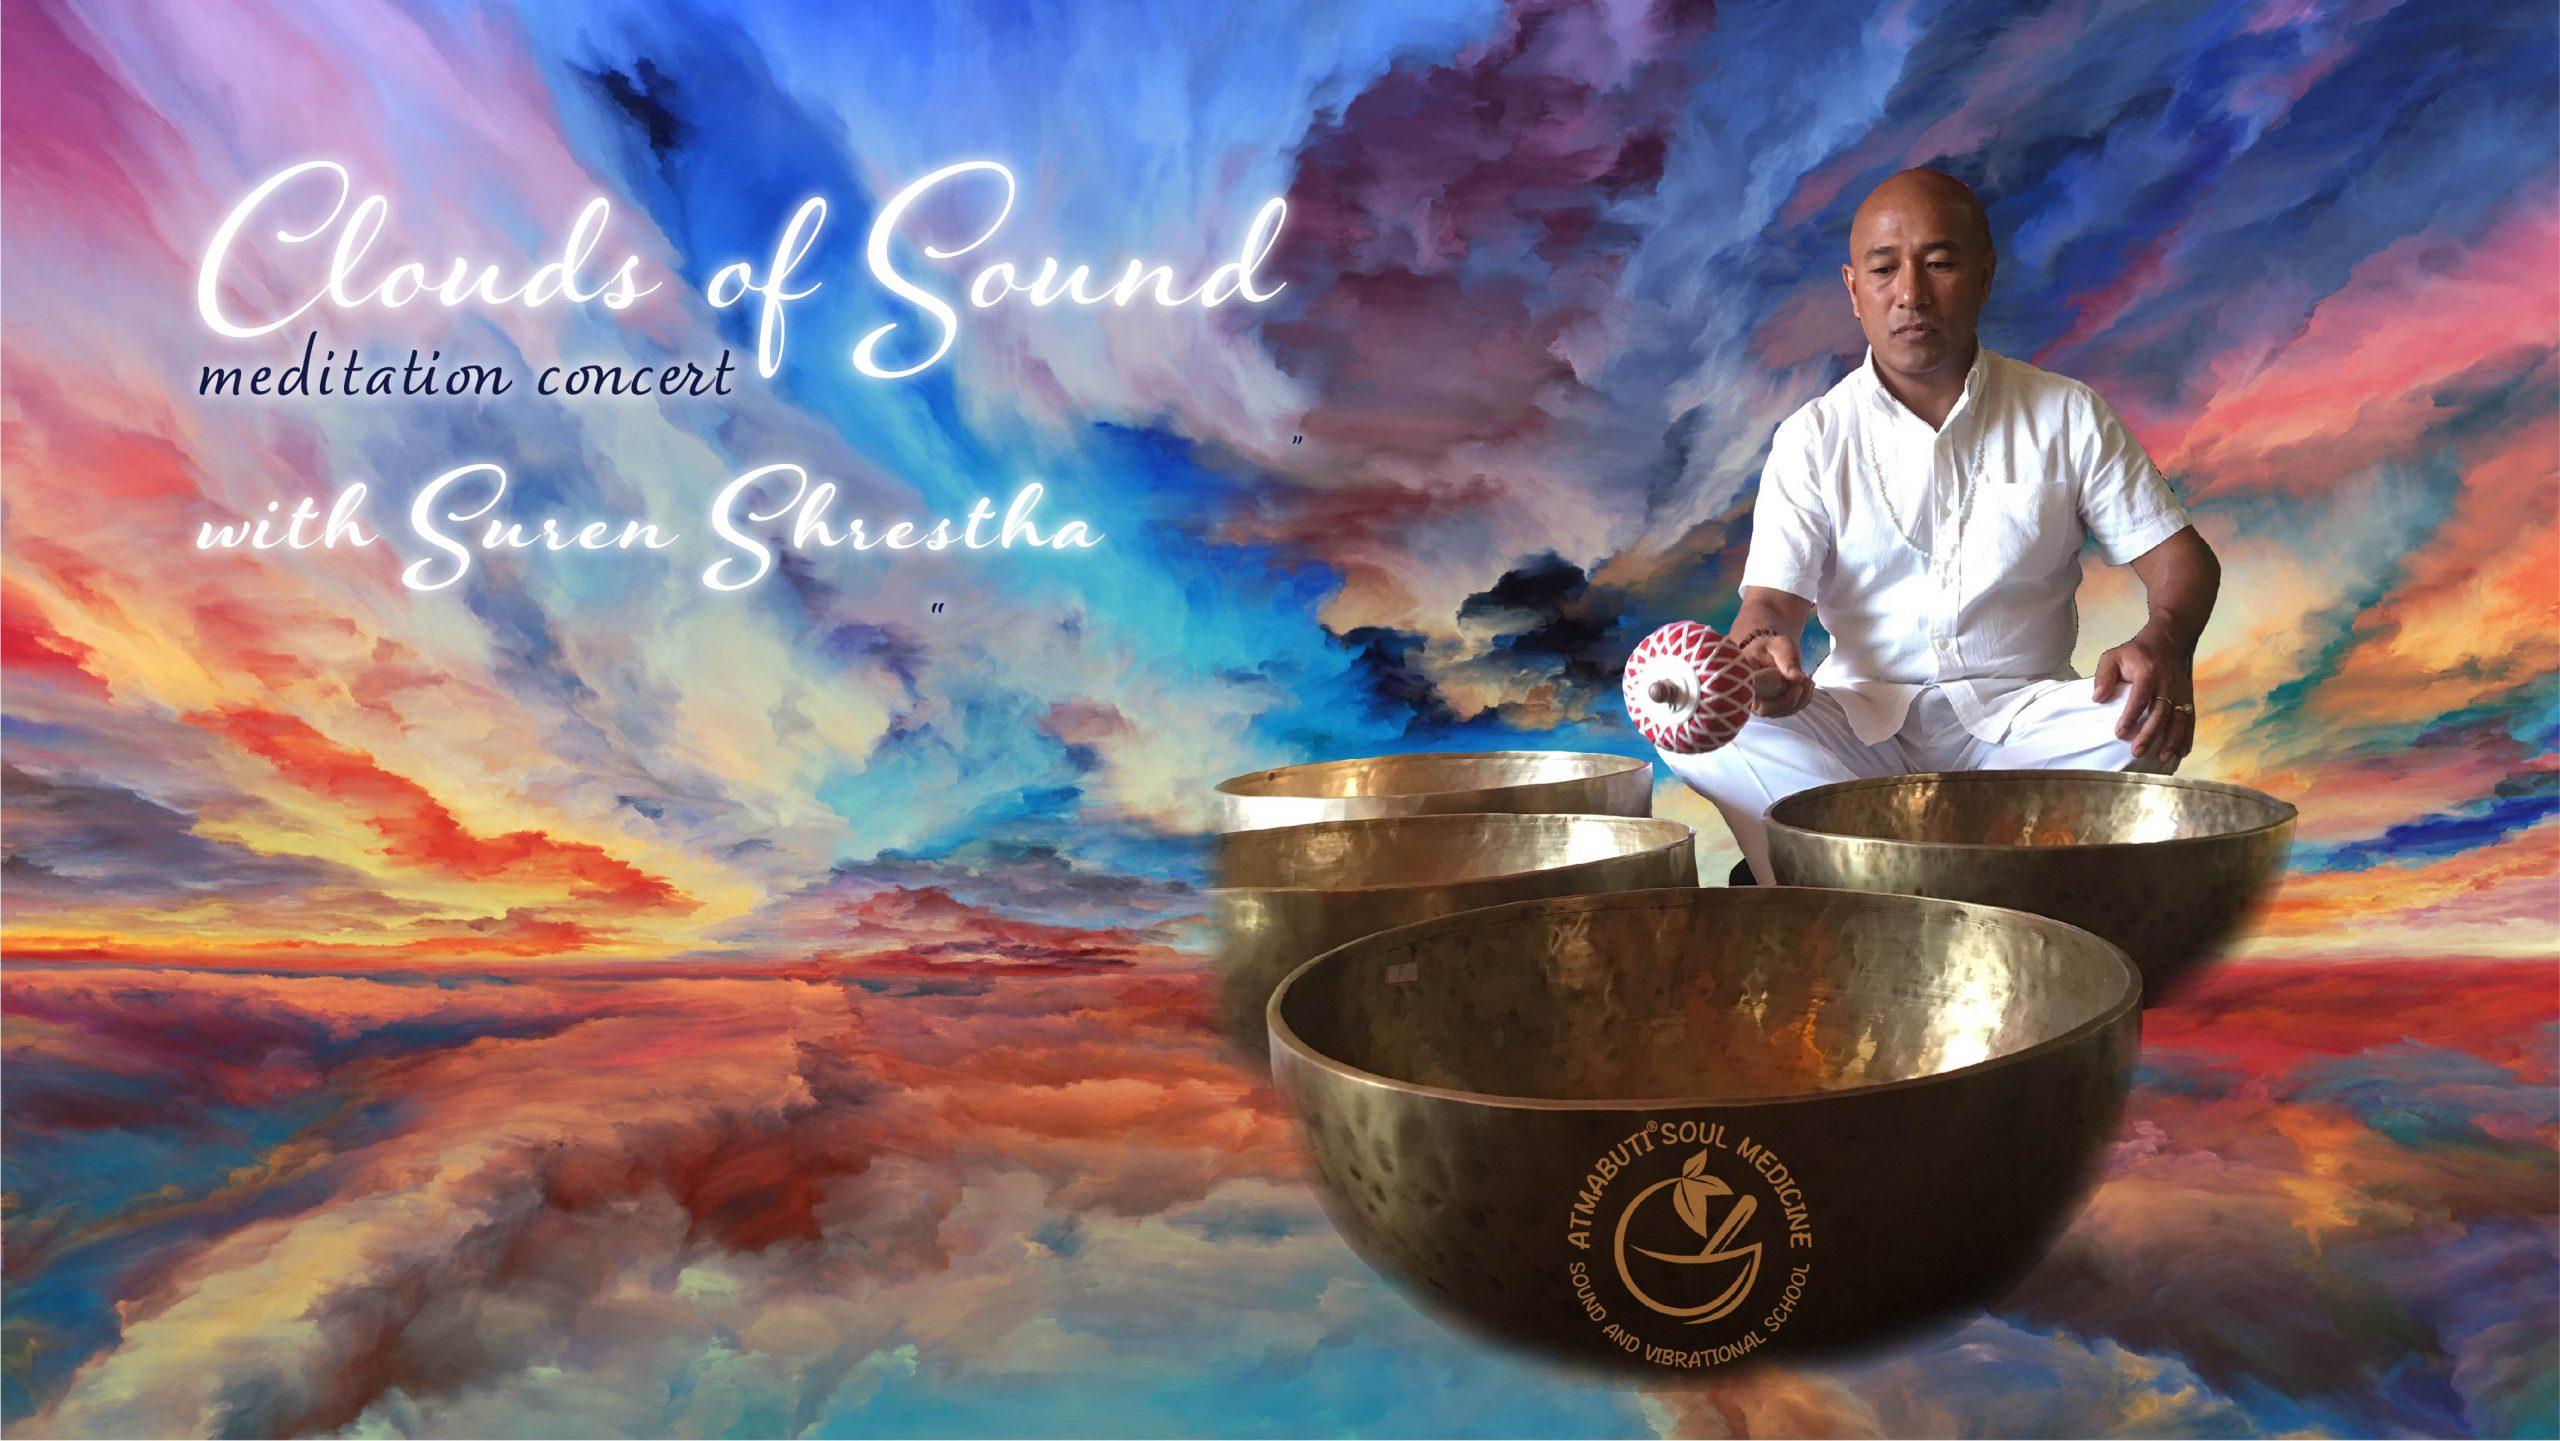 Clouds of Sound Meditation Concert